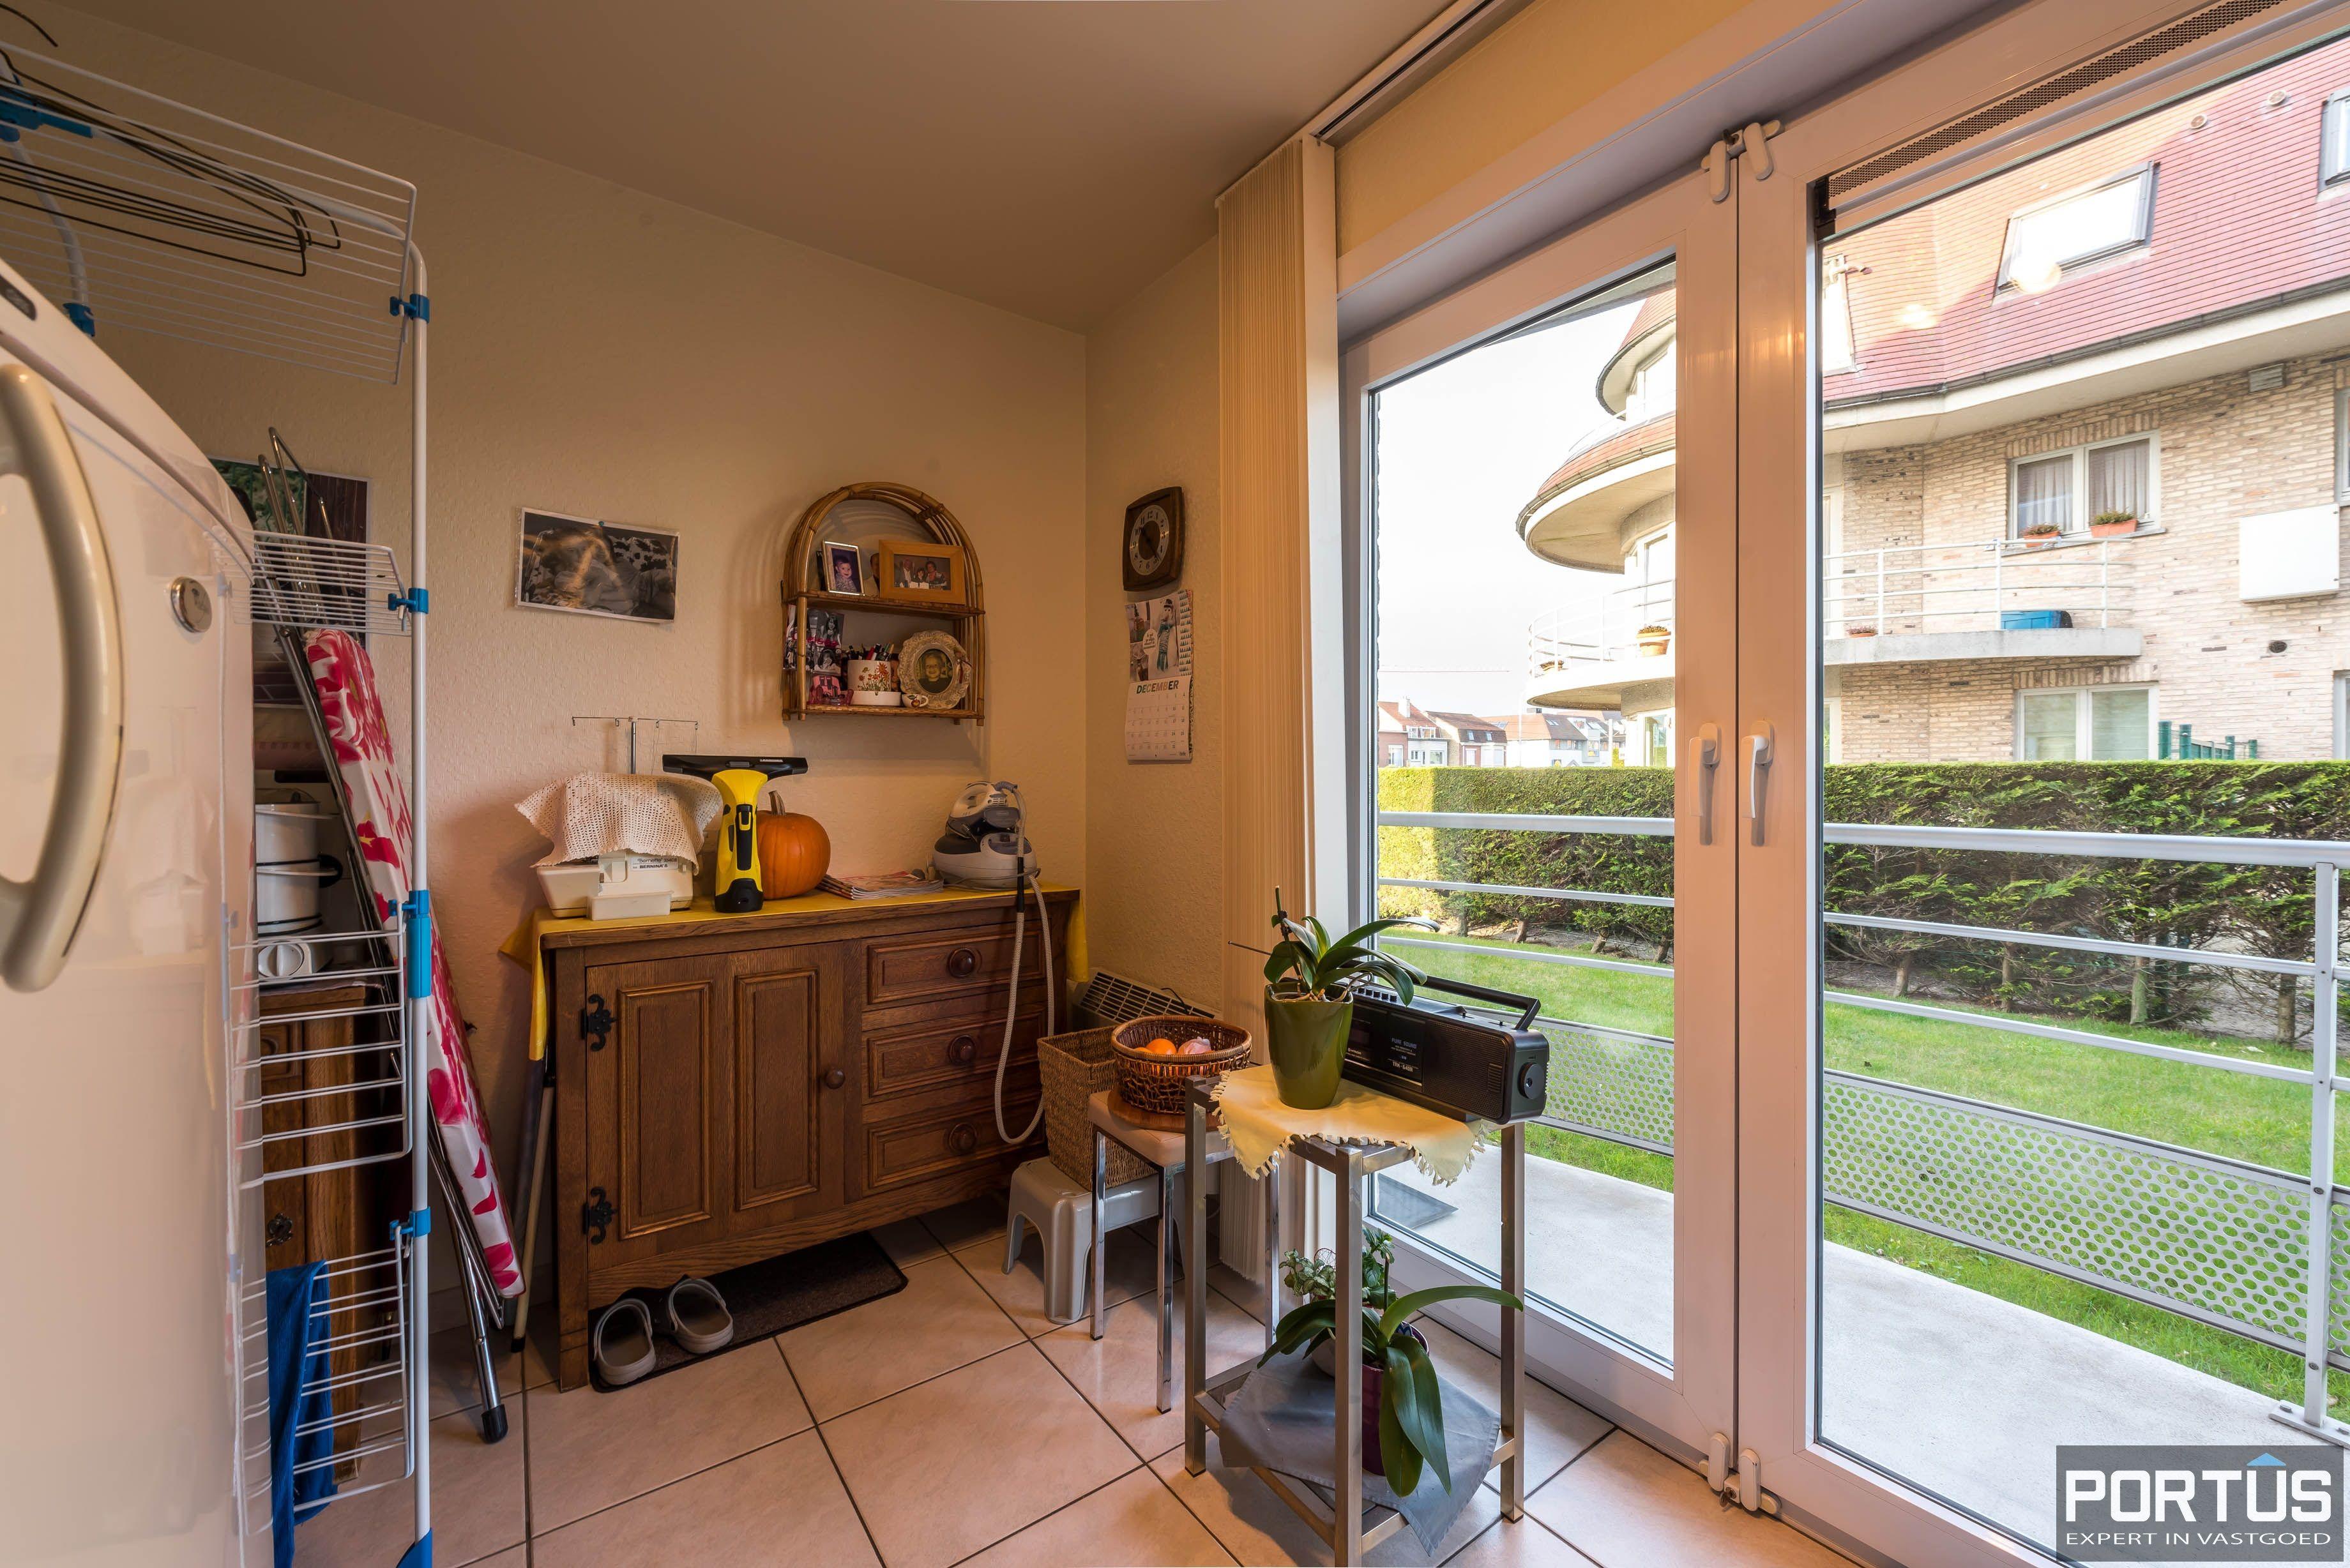 Gelijkvloers appartement met 3 slaapkamers Nieuwpoort - 5697